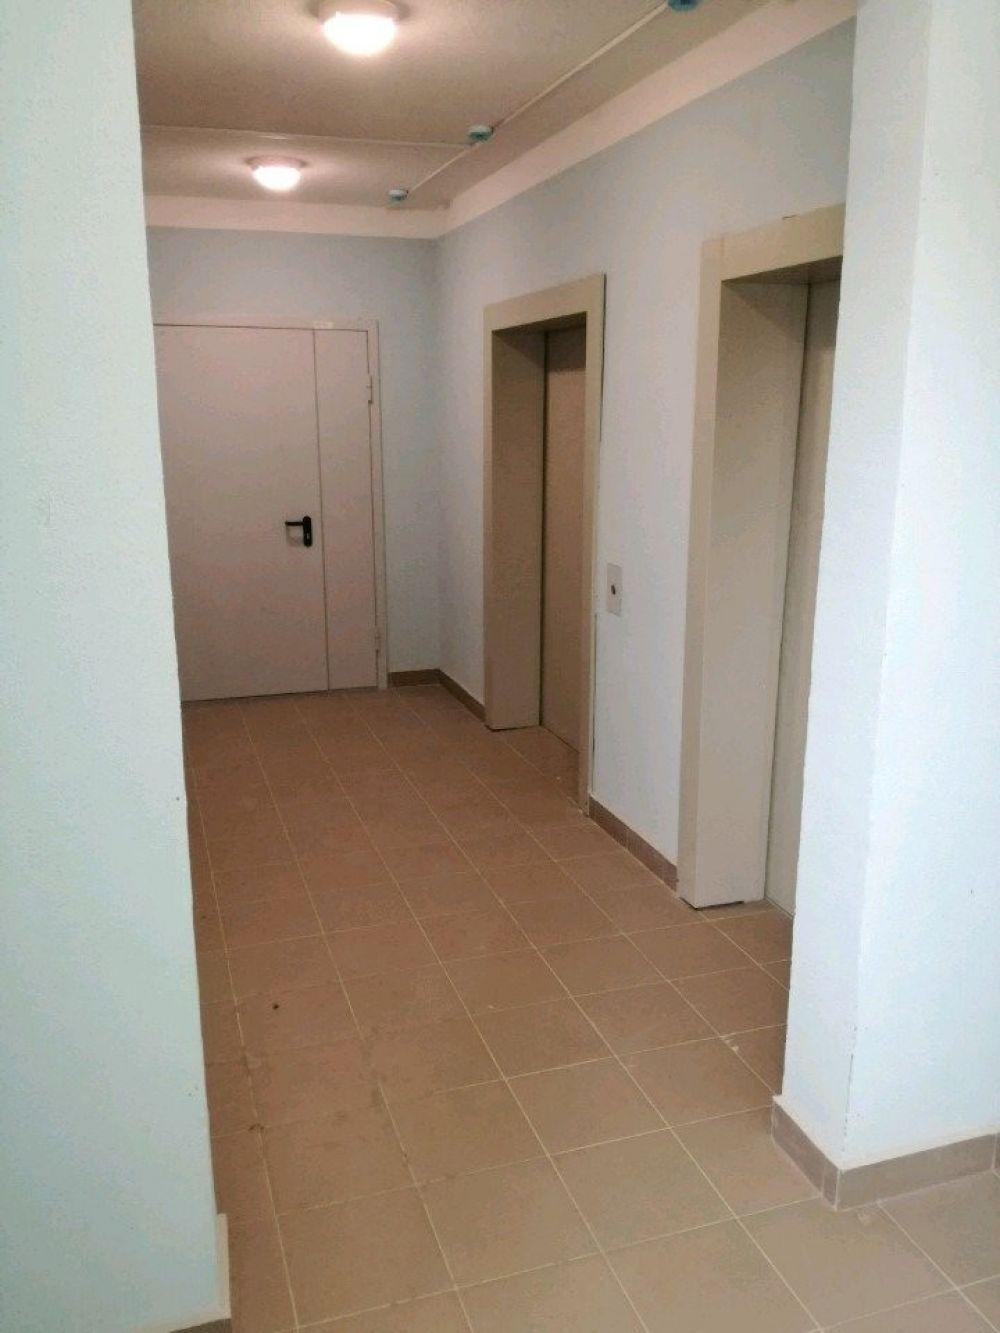 1-к квартира, Щелково, микрорайон Потаповский 1к2, фото 10